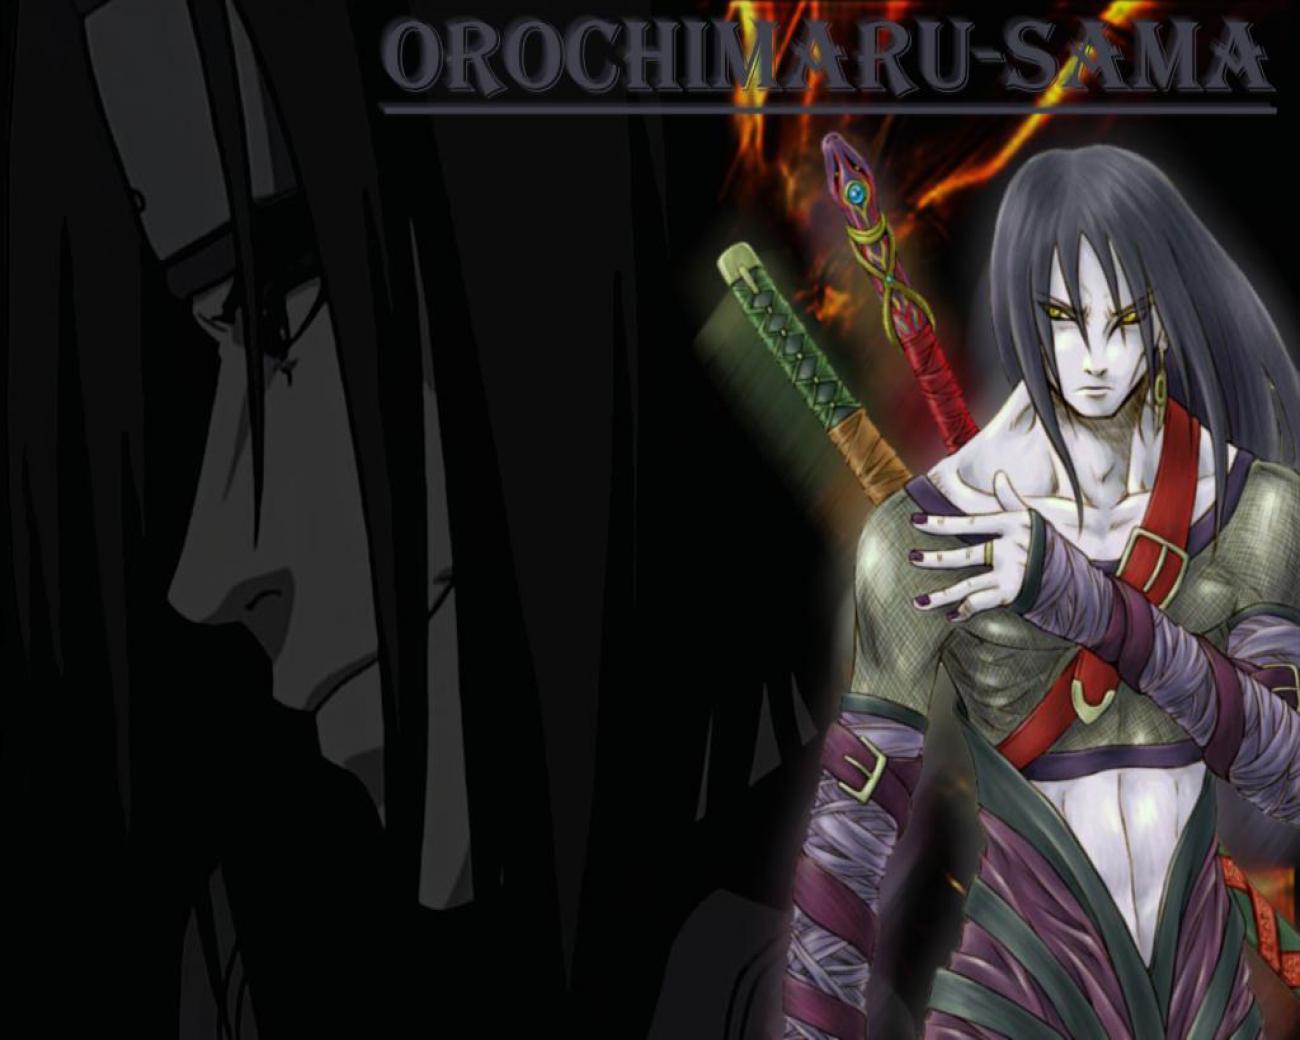 http://3.bp.blogspot.com/_Q6l6L_uqZWY/TBE550WYQzI/AAAAAAAAETE/sBT4bXAg9KE/s1600/Orochimaru-Akatsuki-large.jpg